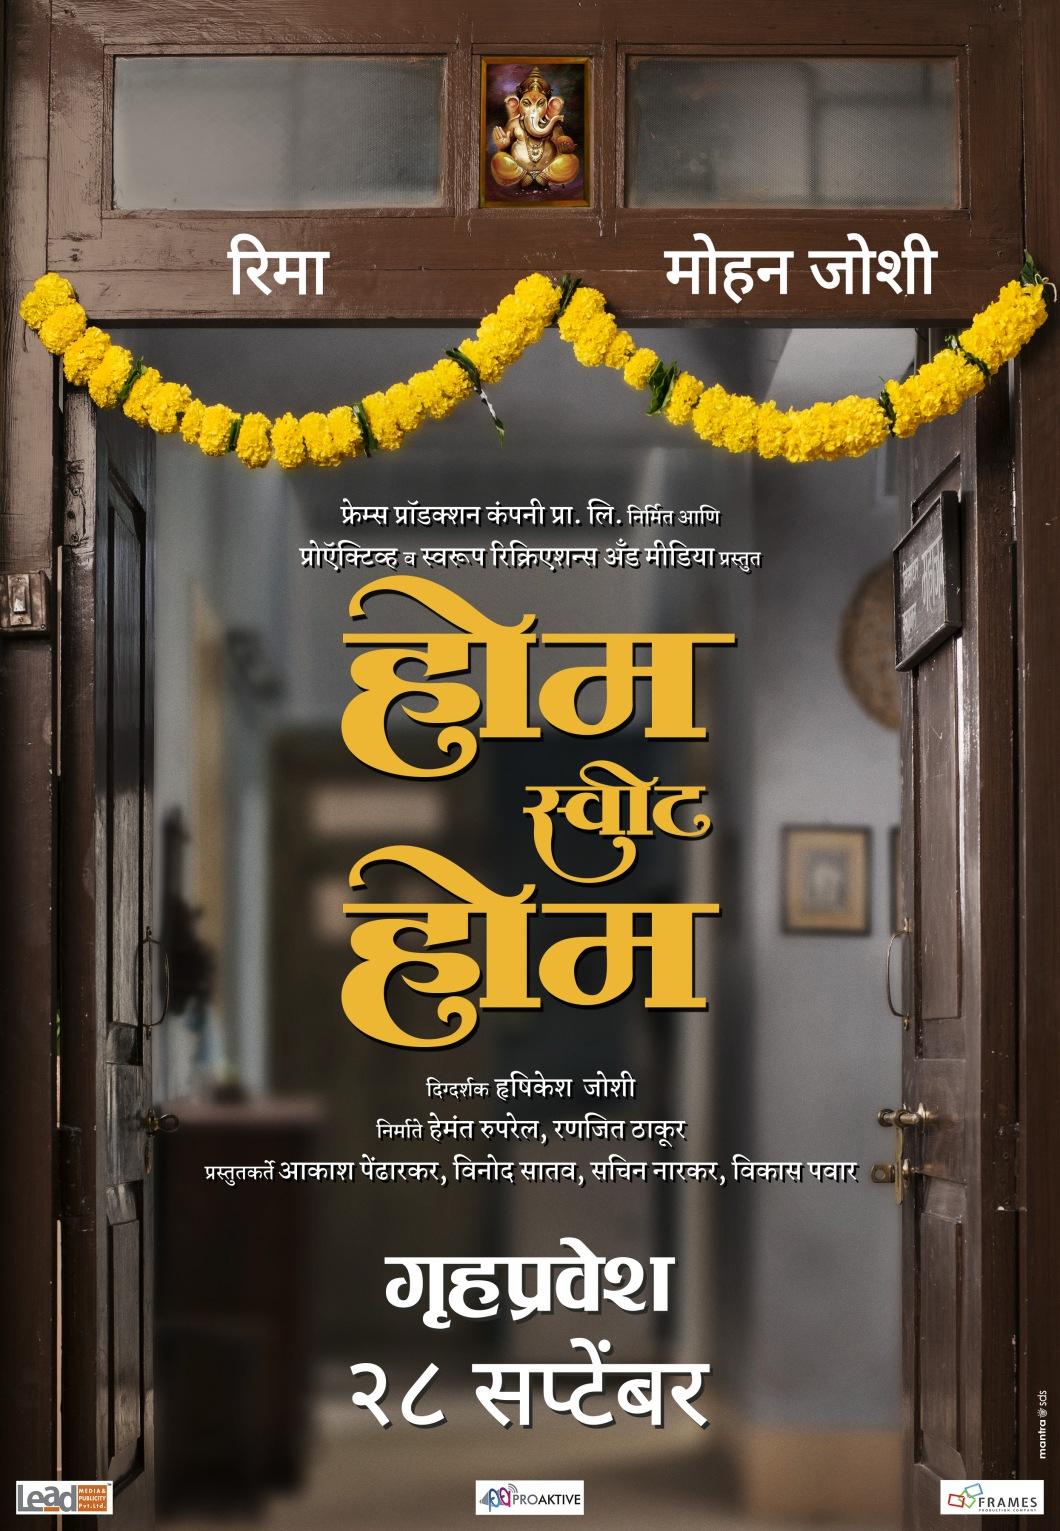 Door Poster_Rev2_For Digital